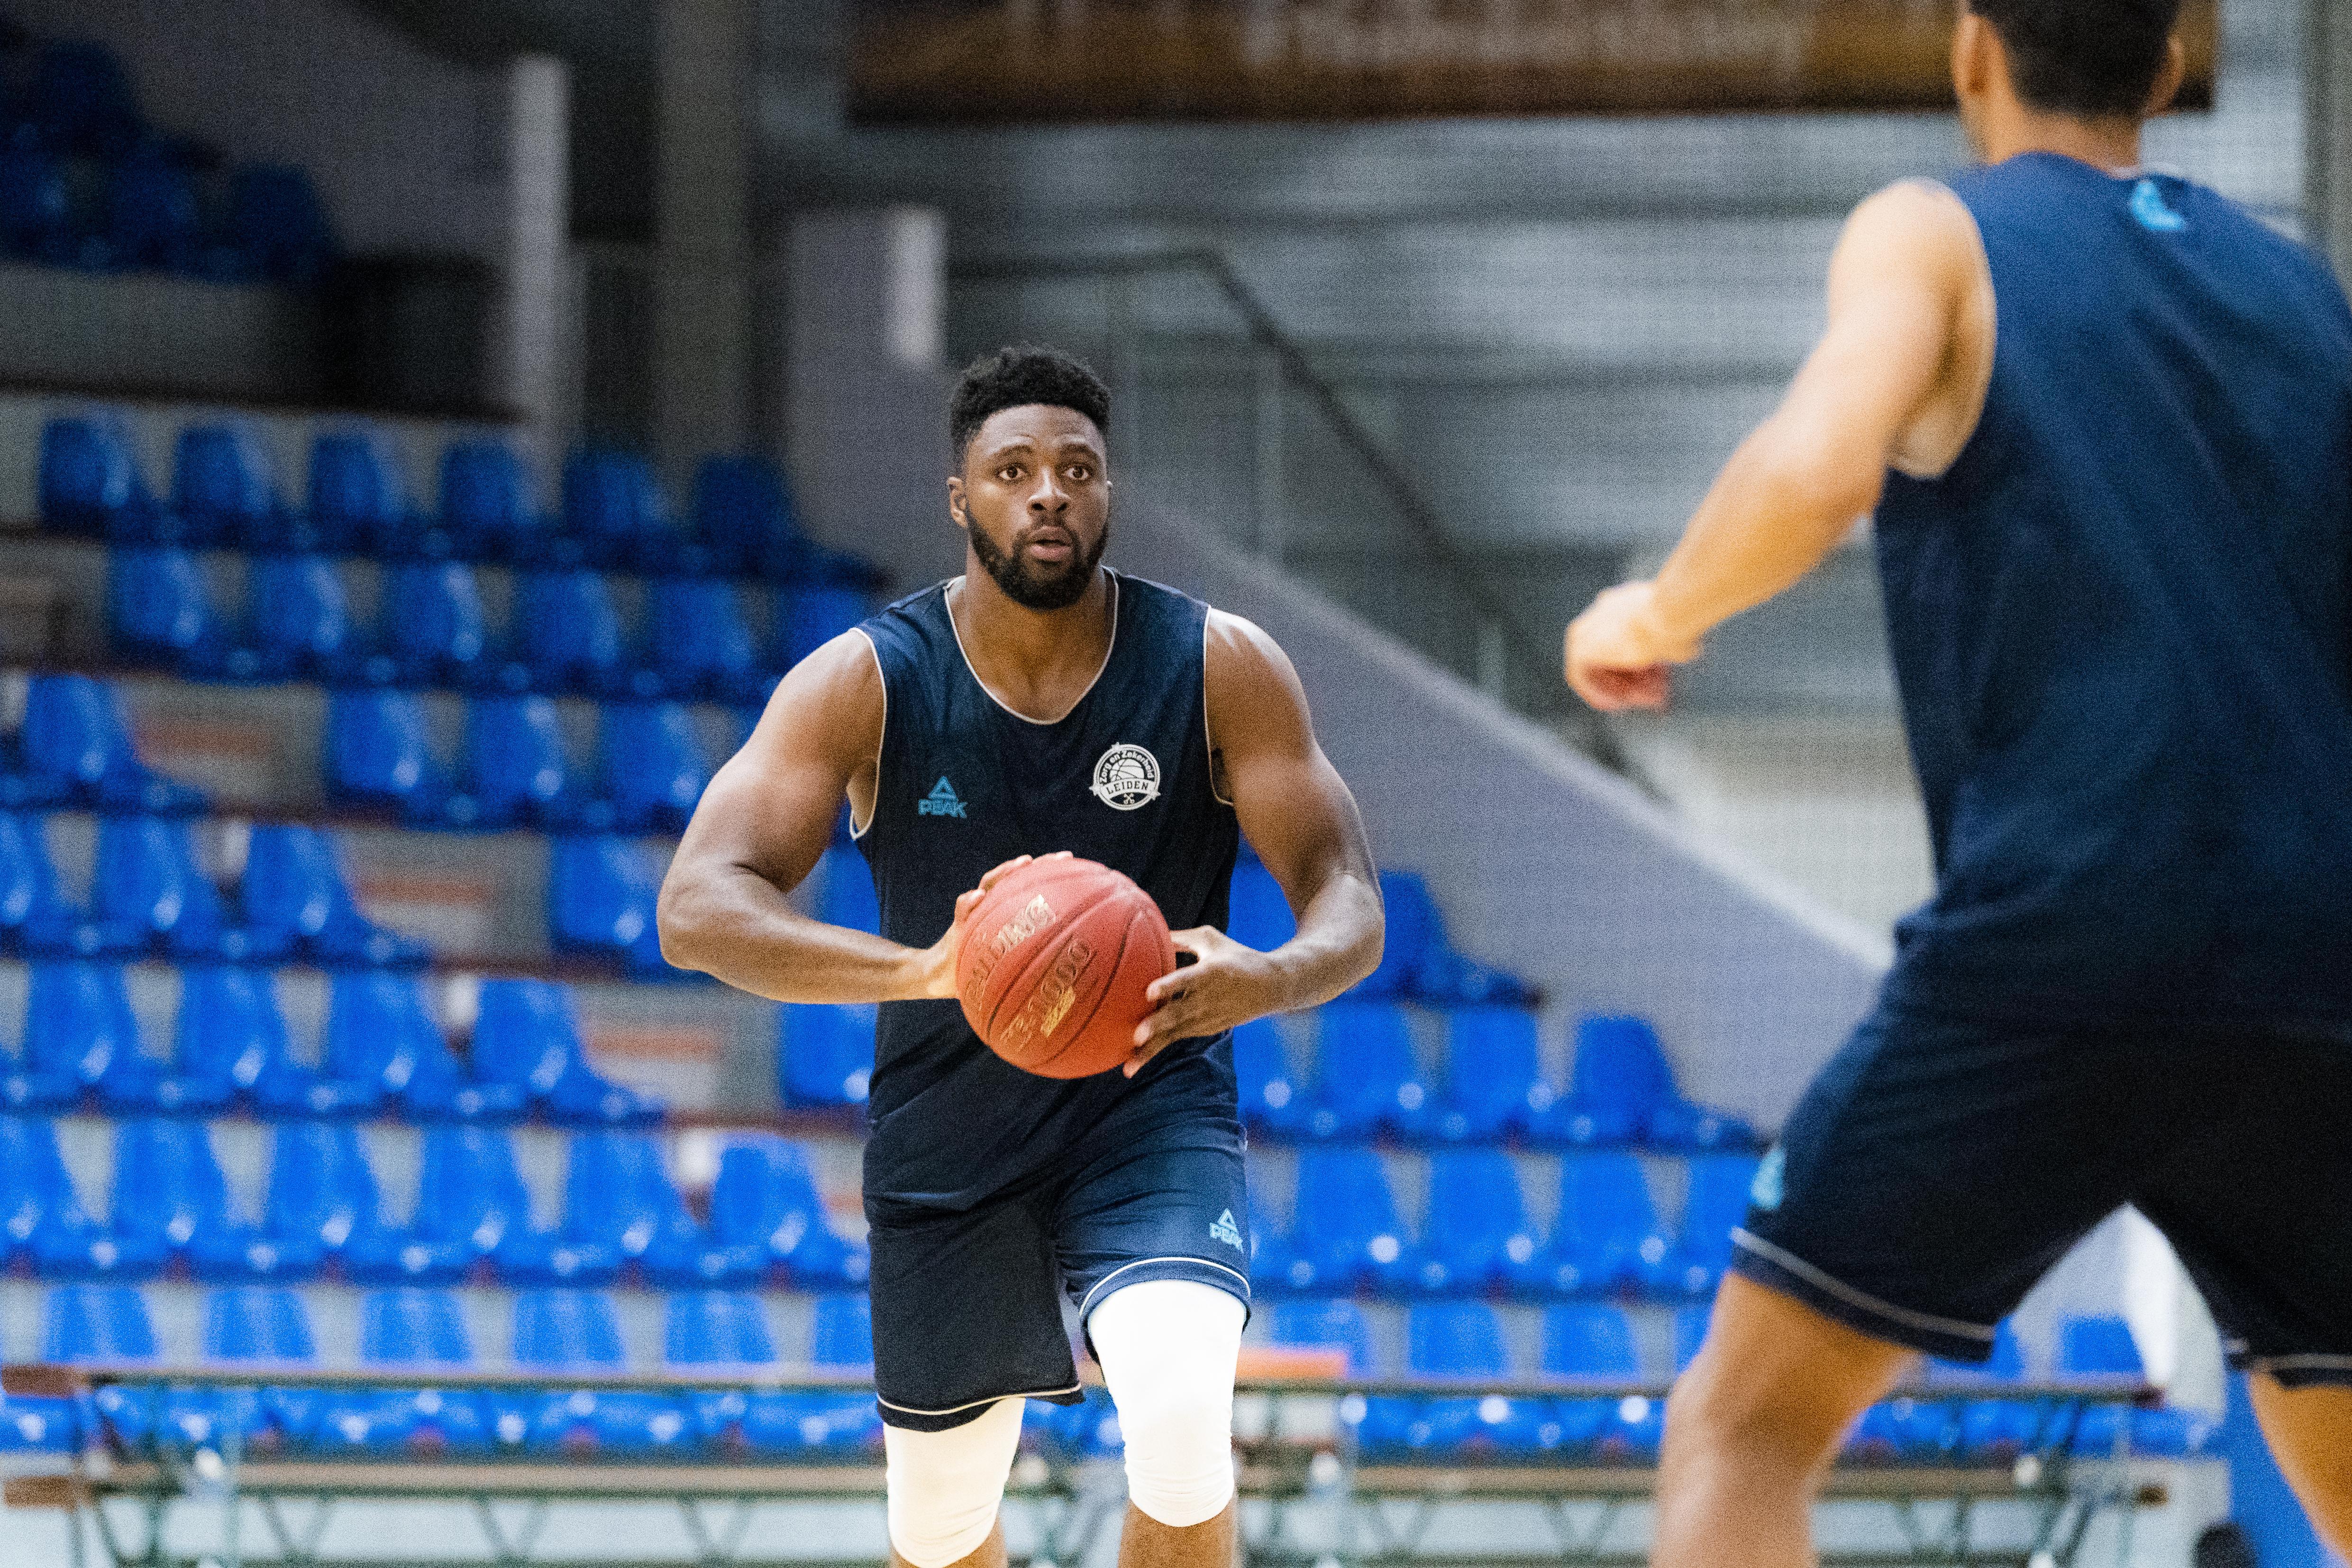 Eerste selectie voor basketballer Emmanuel Nzekwesi: 'Blij dat ik Oranje mag helpen winnen'